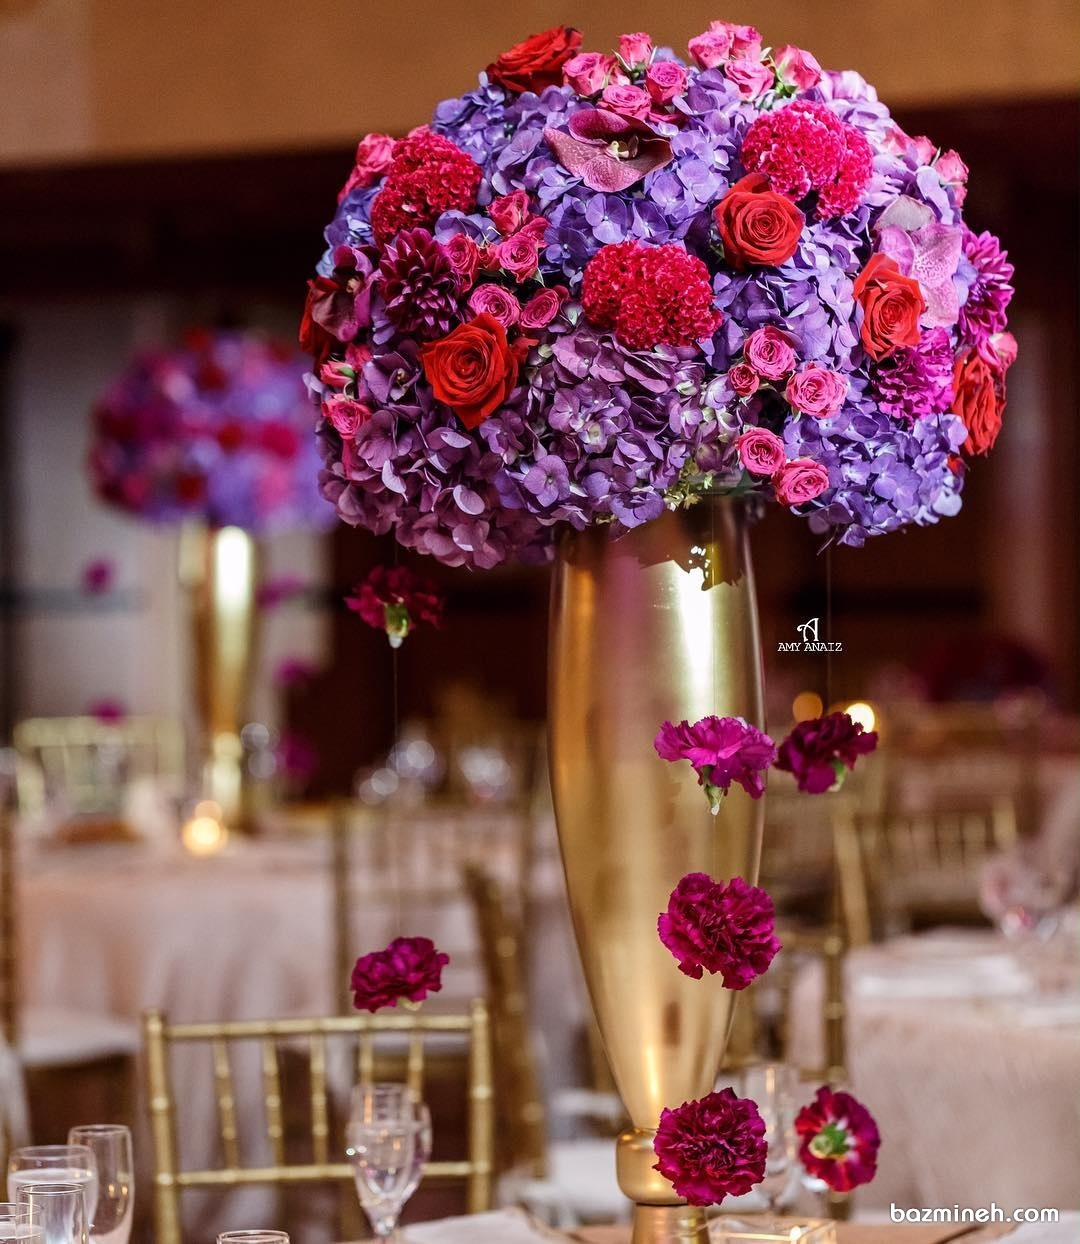 گل آرایی باشکوه میزهای پذیرایی به همراه گلدان های طلایی